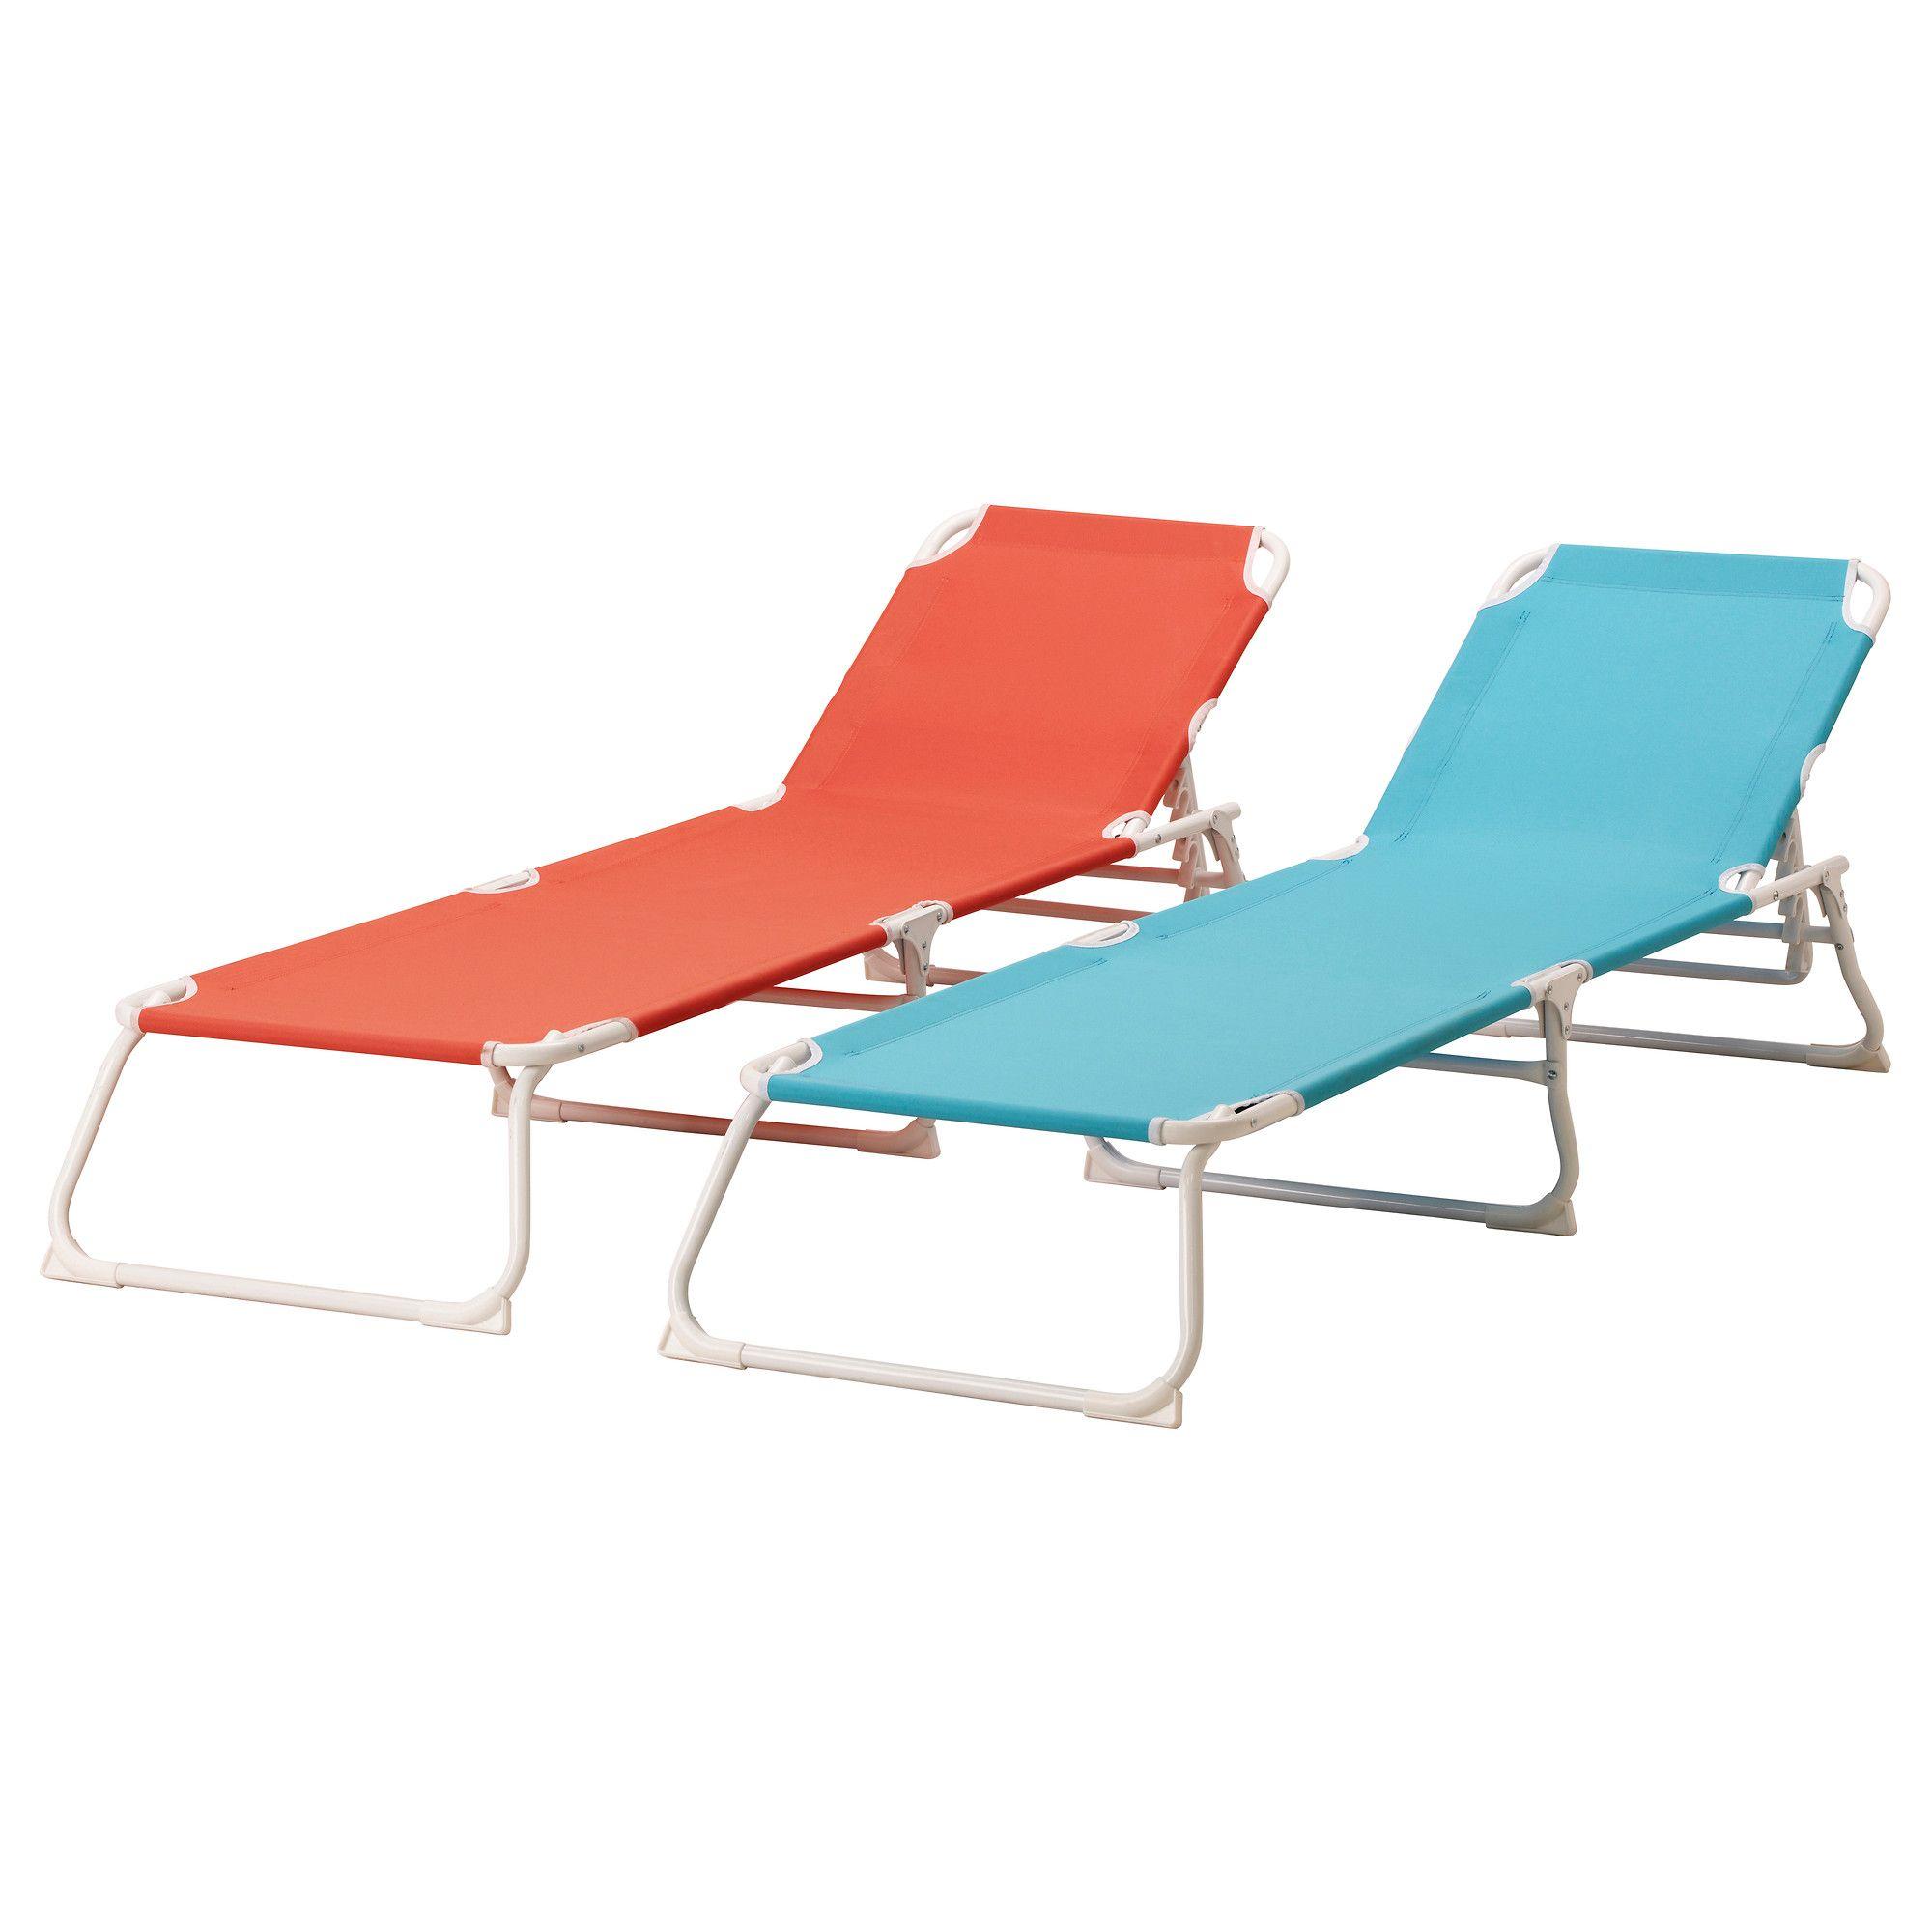 Meubles et accessoires | Chaise longue de plage, Bain de ...